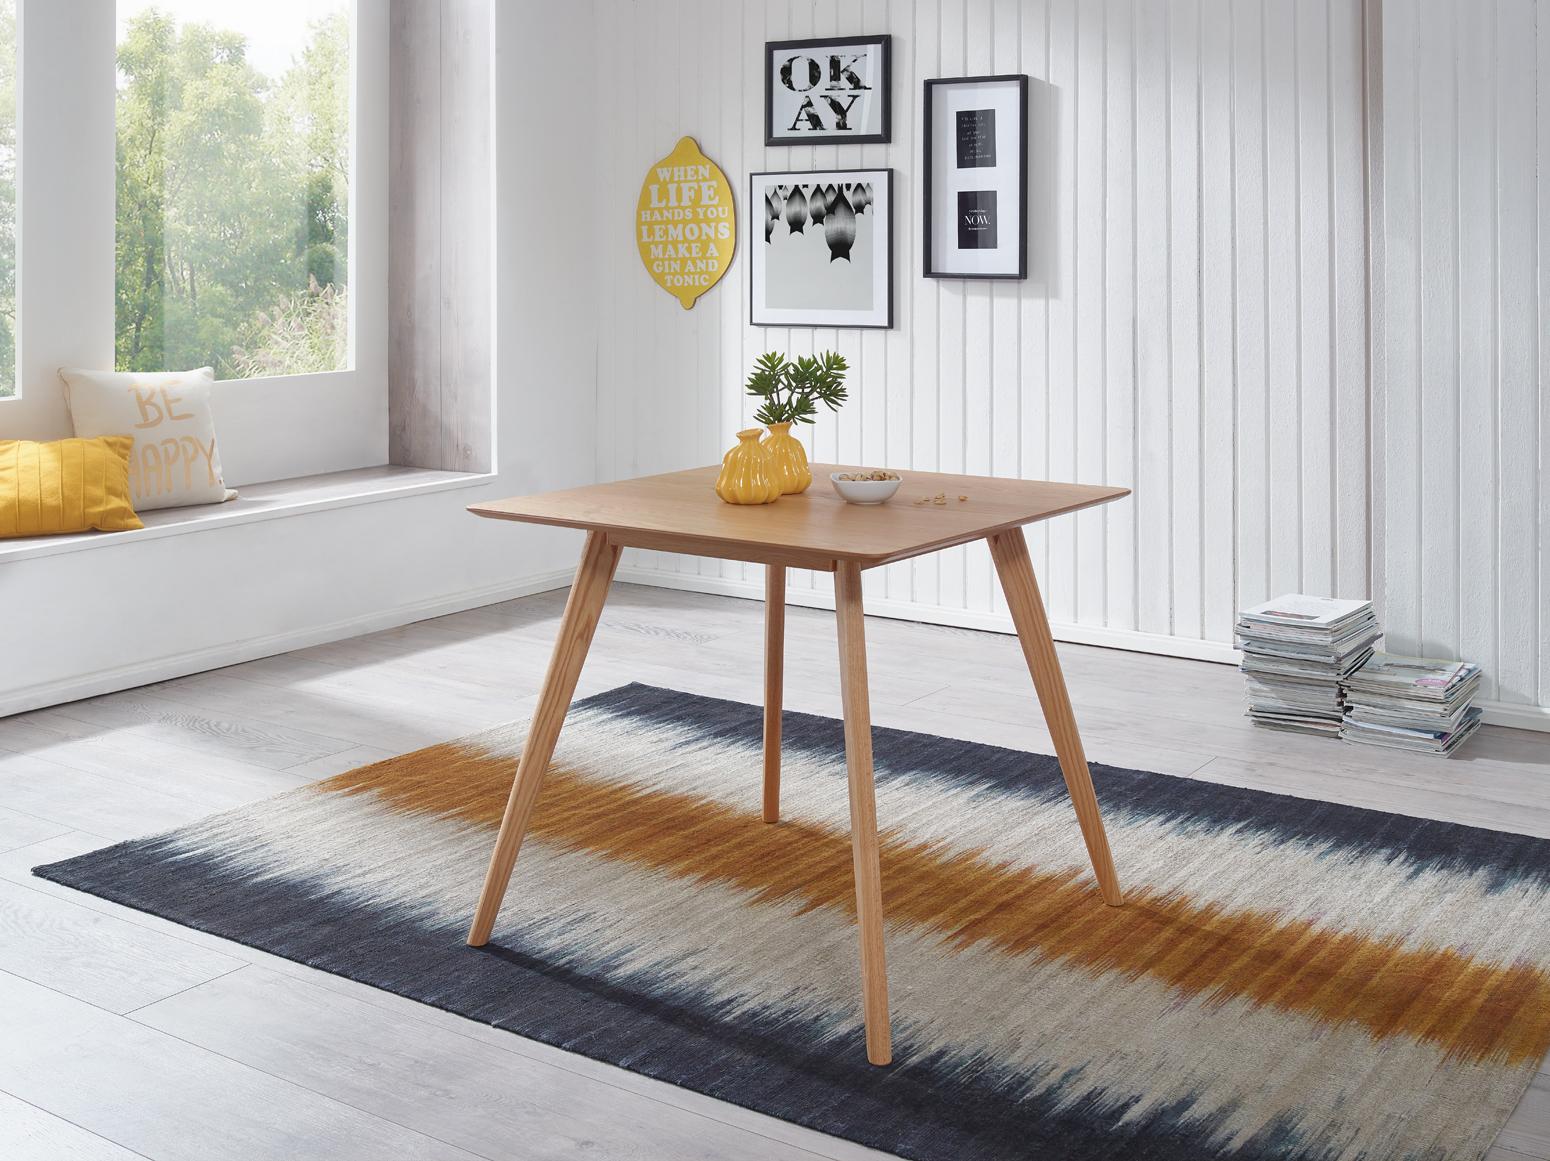 Esszimmertisch Holz Skandinavisch 80 X 80 Cm Eiche Design Esstisch Küchentisch